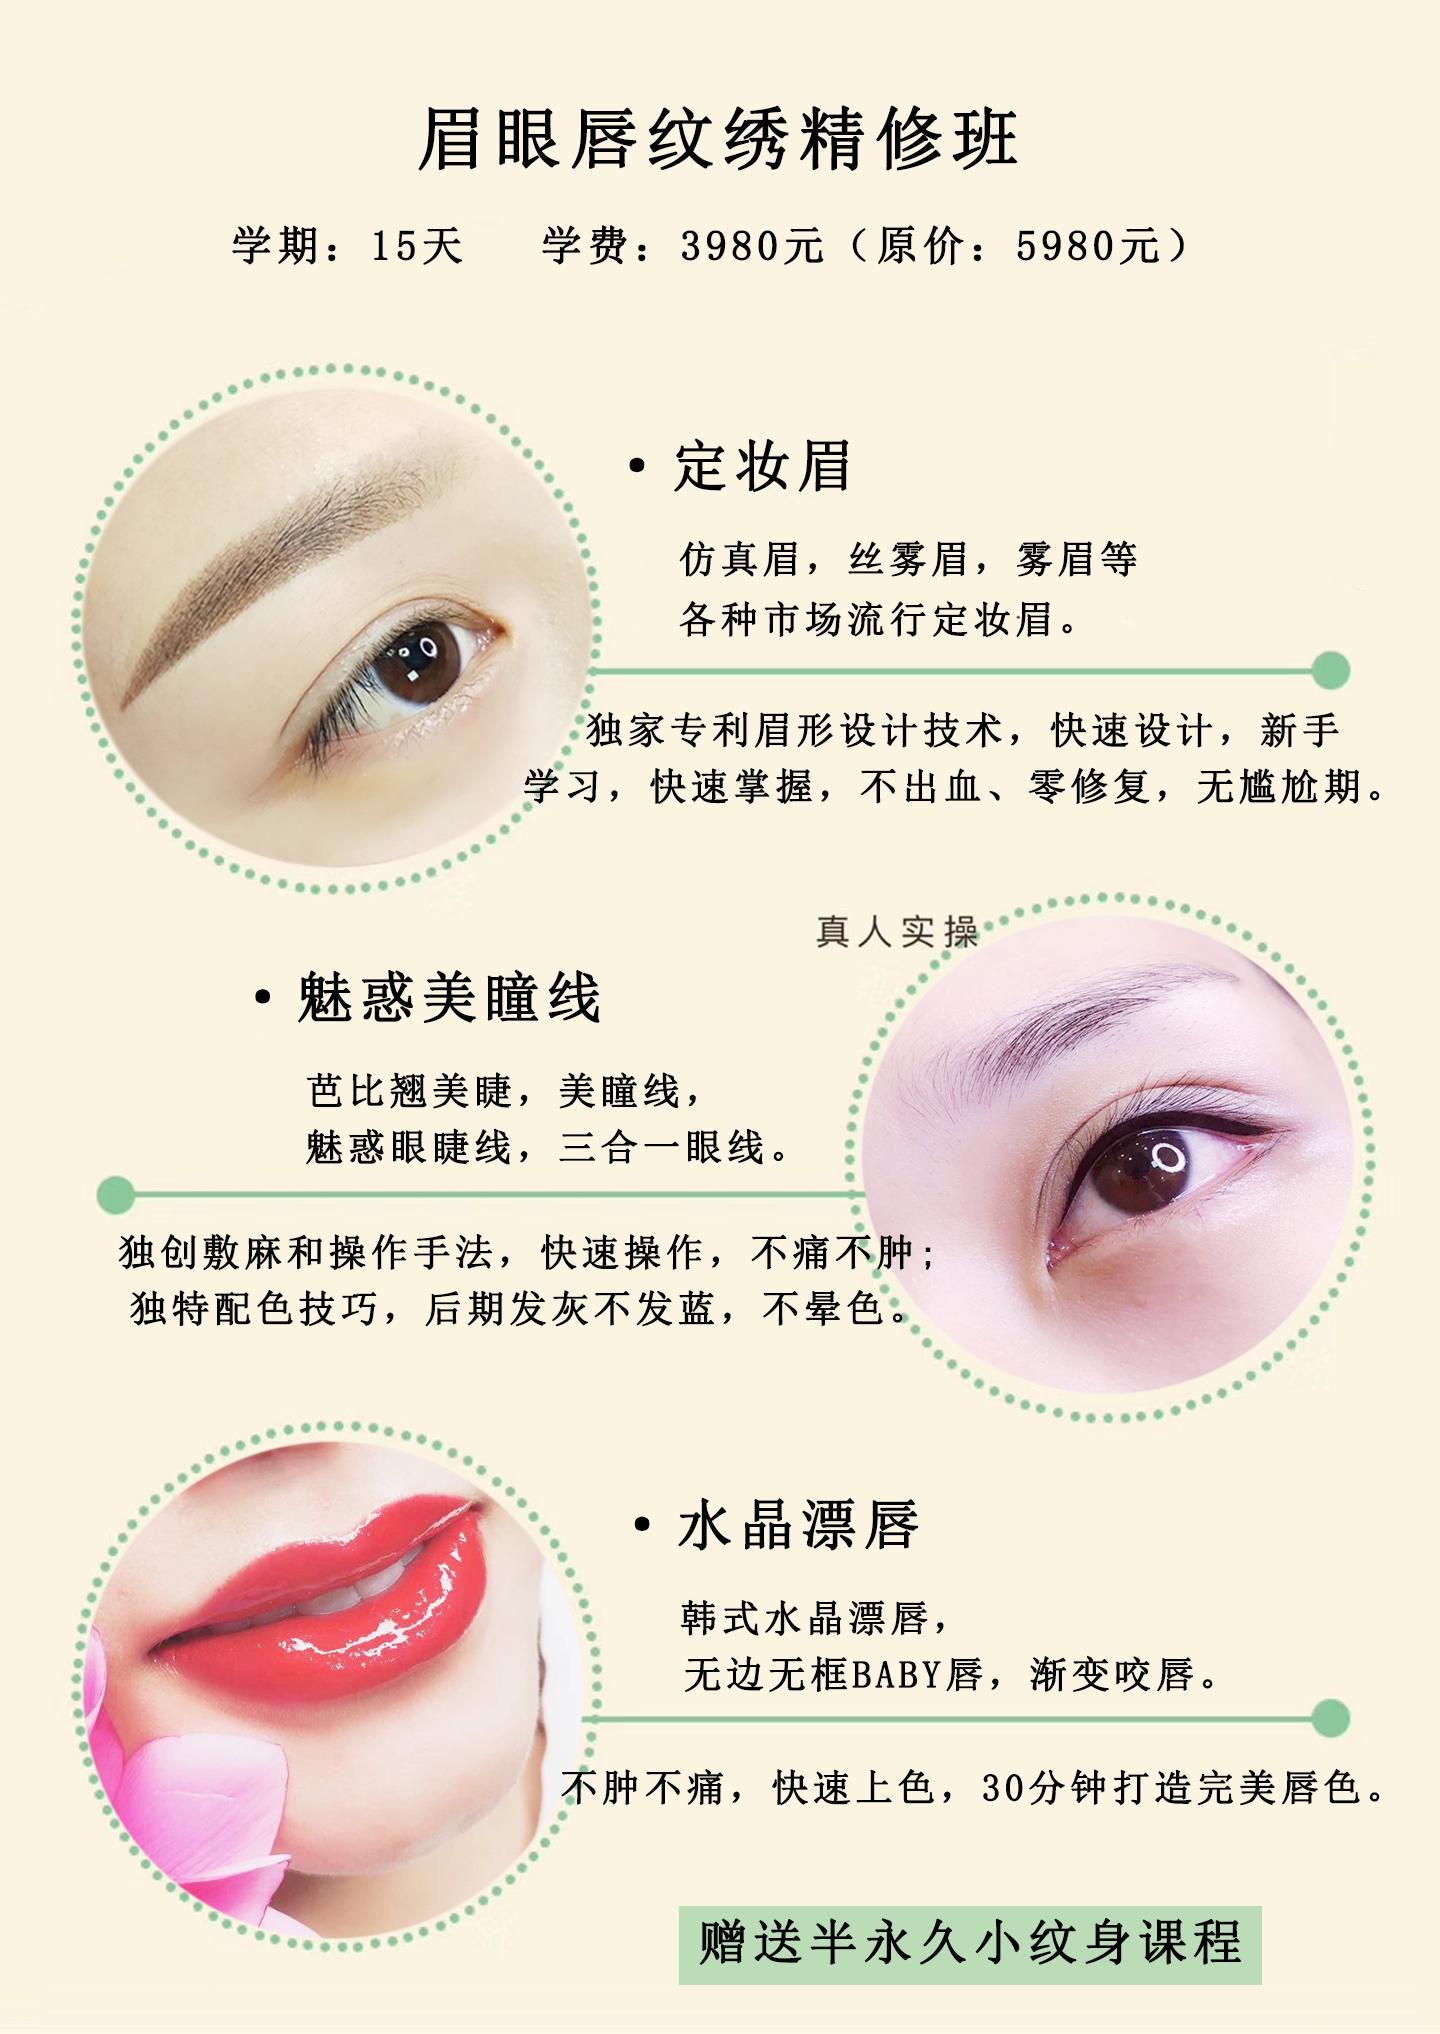 湛江眉眼唇紋繡培訓